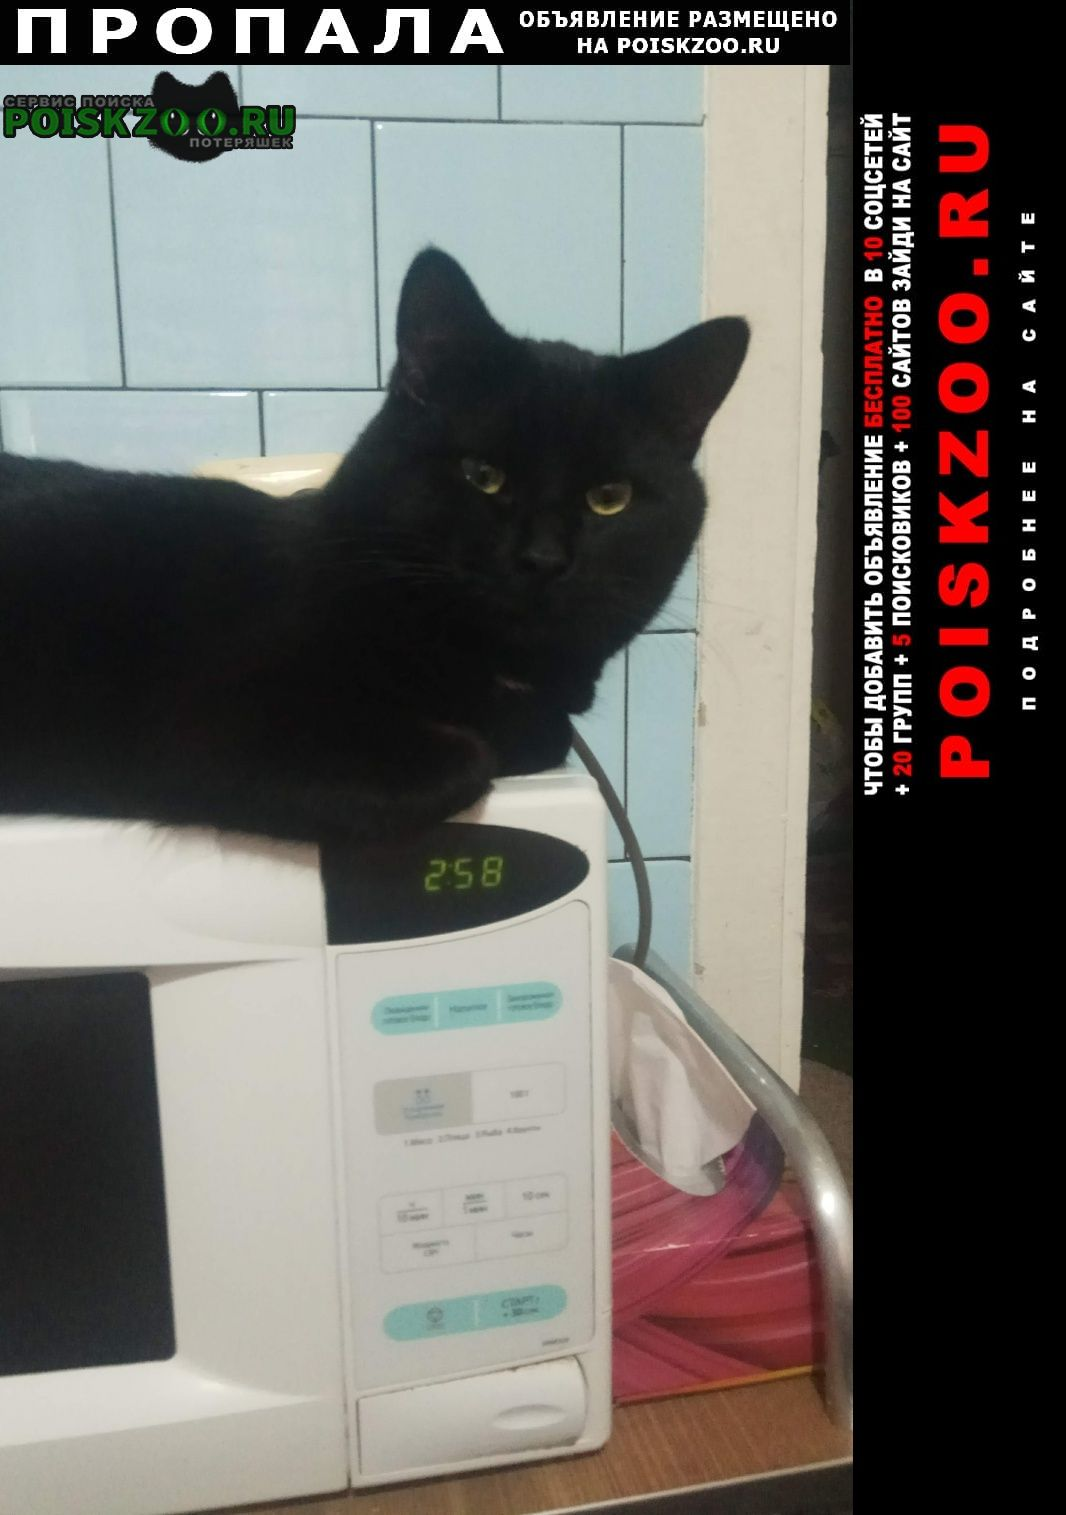 Красноармейск Пропал кот помогите пожалуйста найти